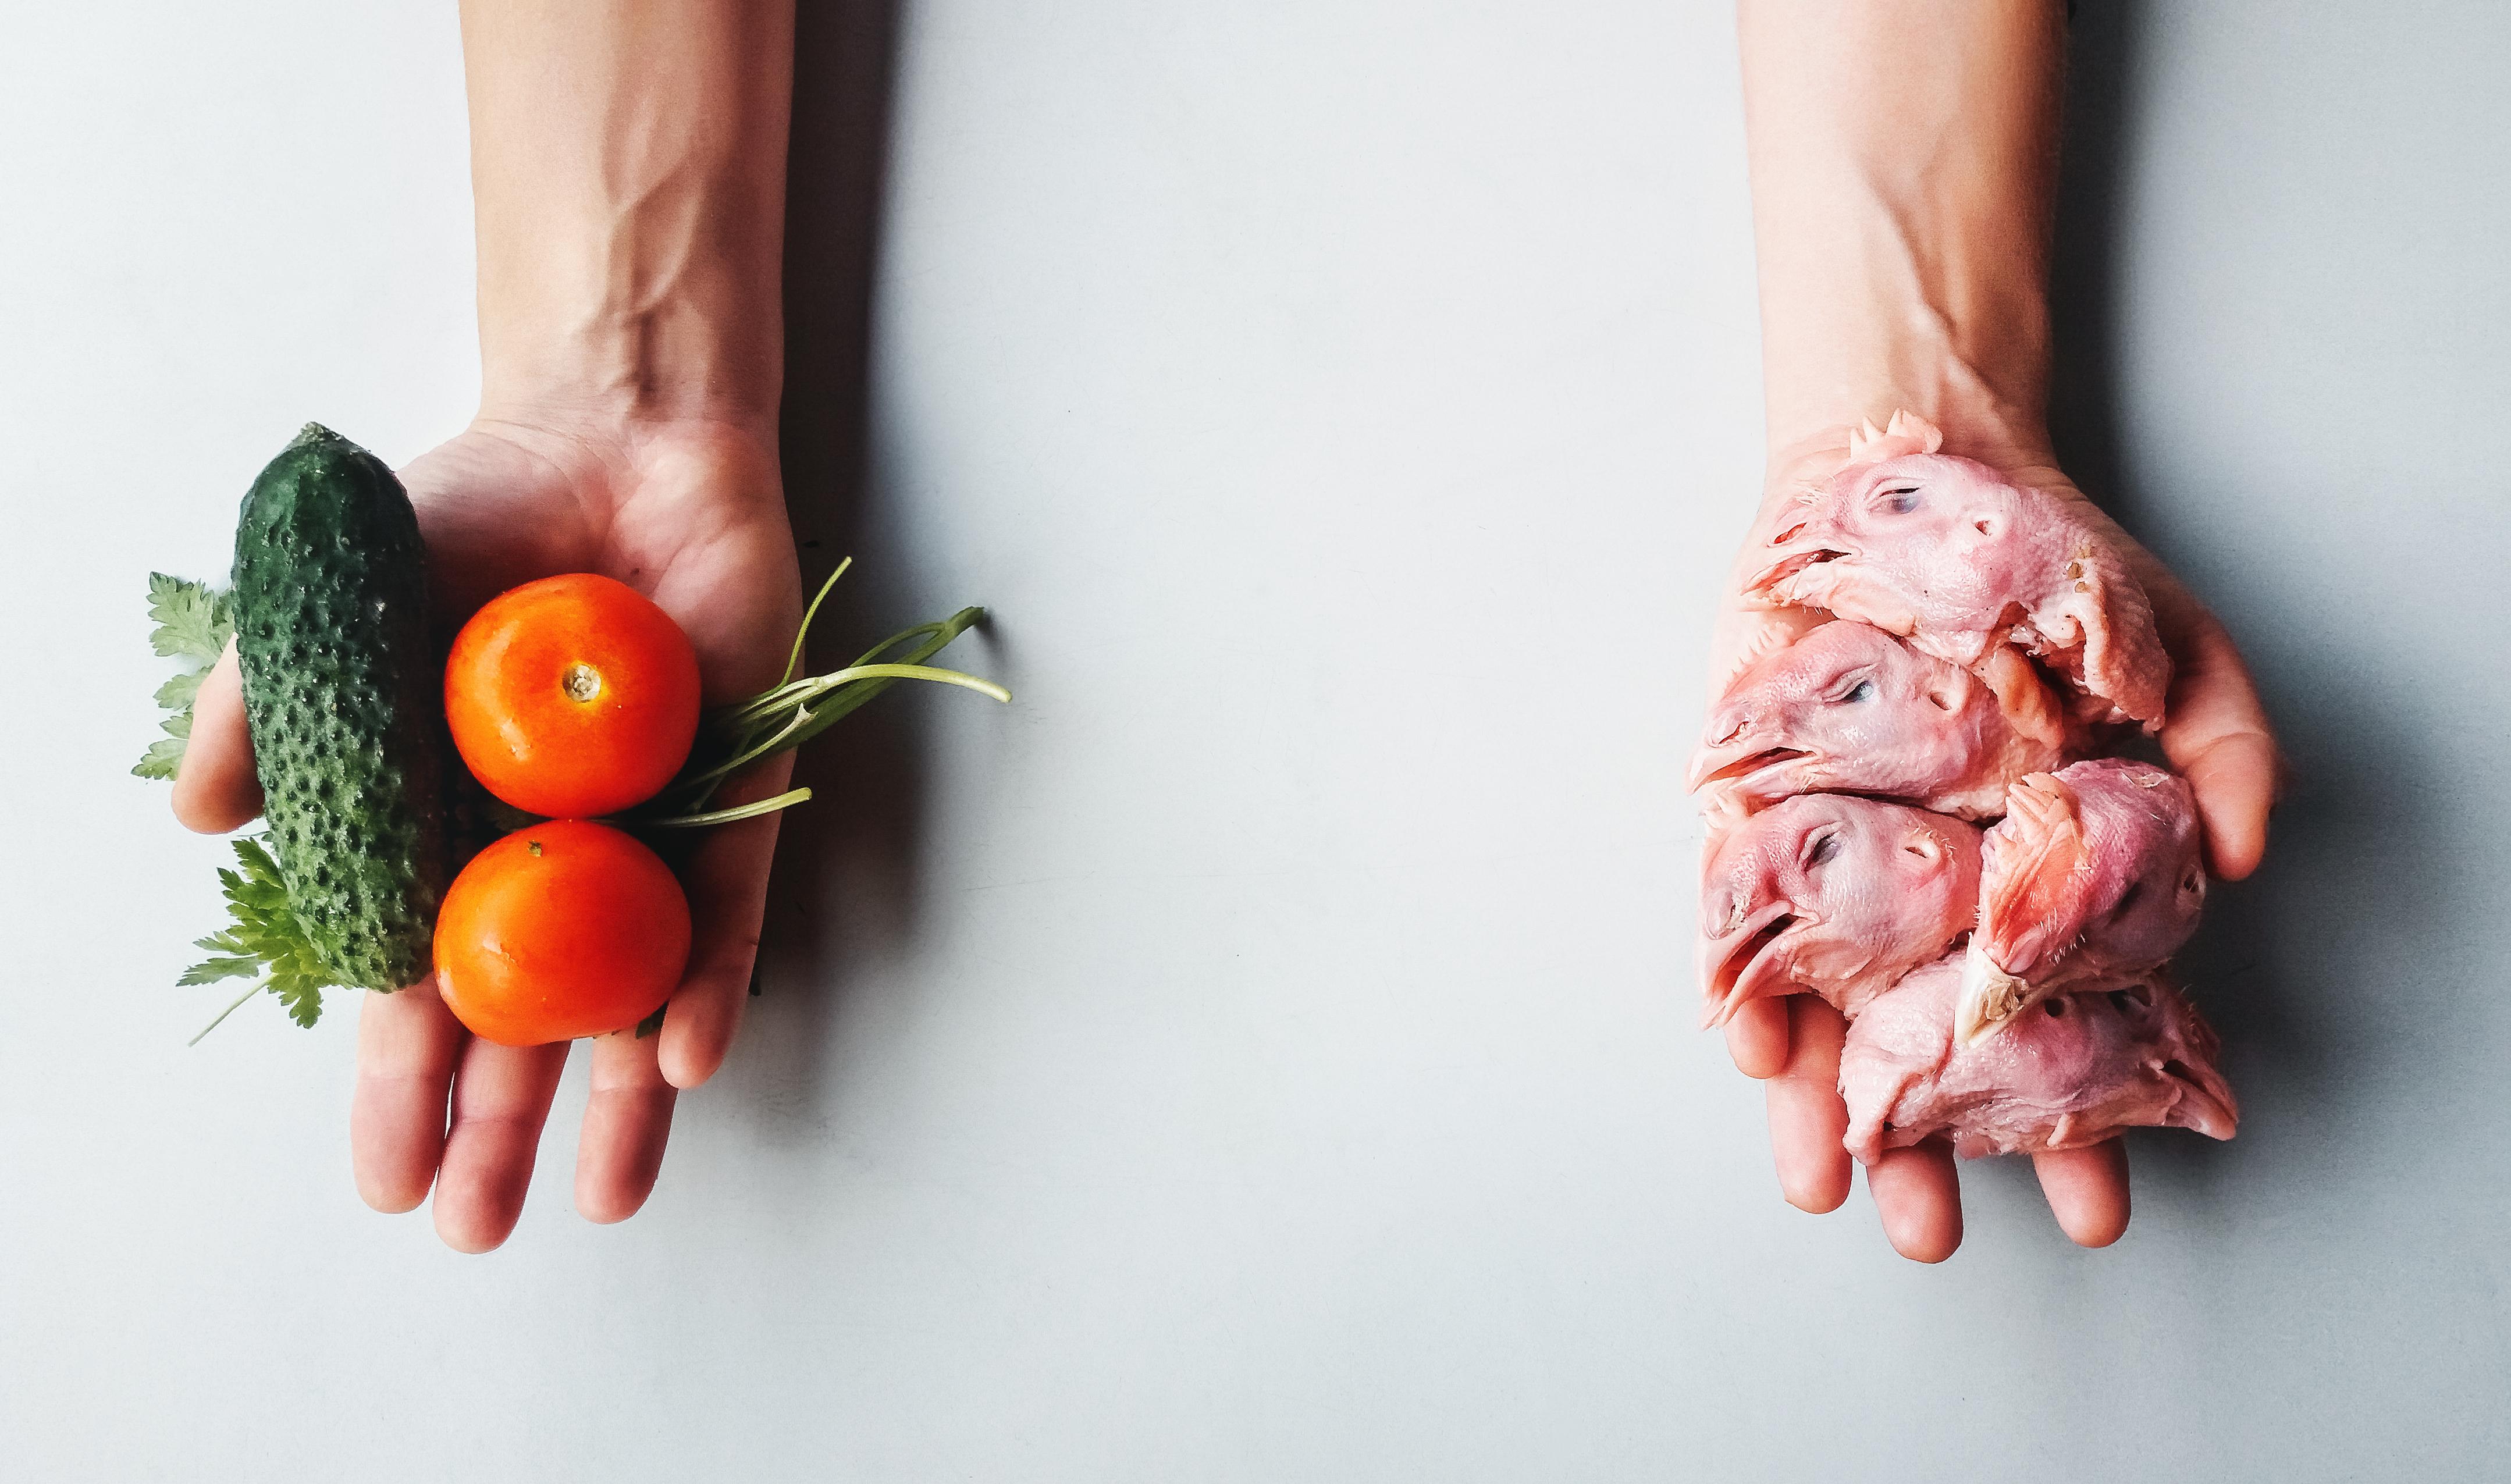 Nu ser man en trend då köttet får stå åt sidan flera dagar i veckan till förmån för mer grönt.